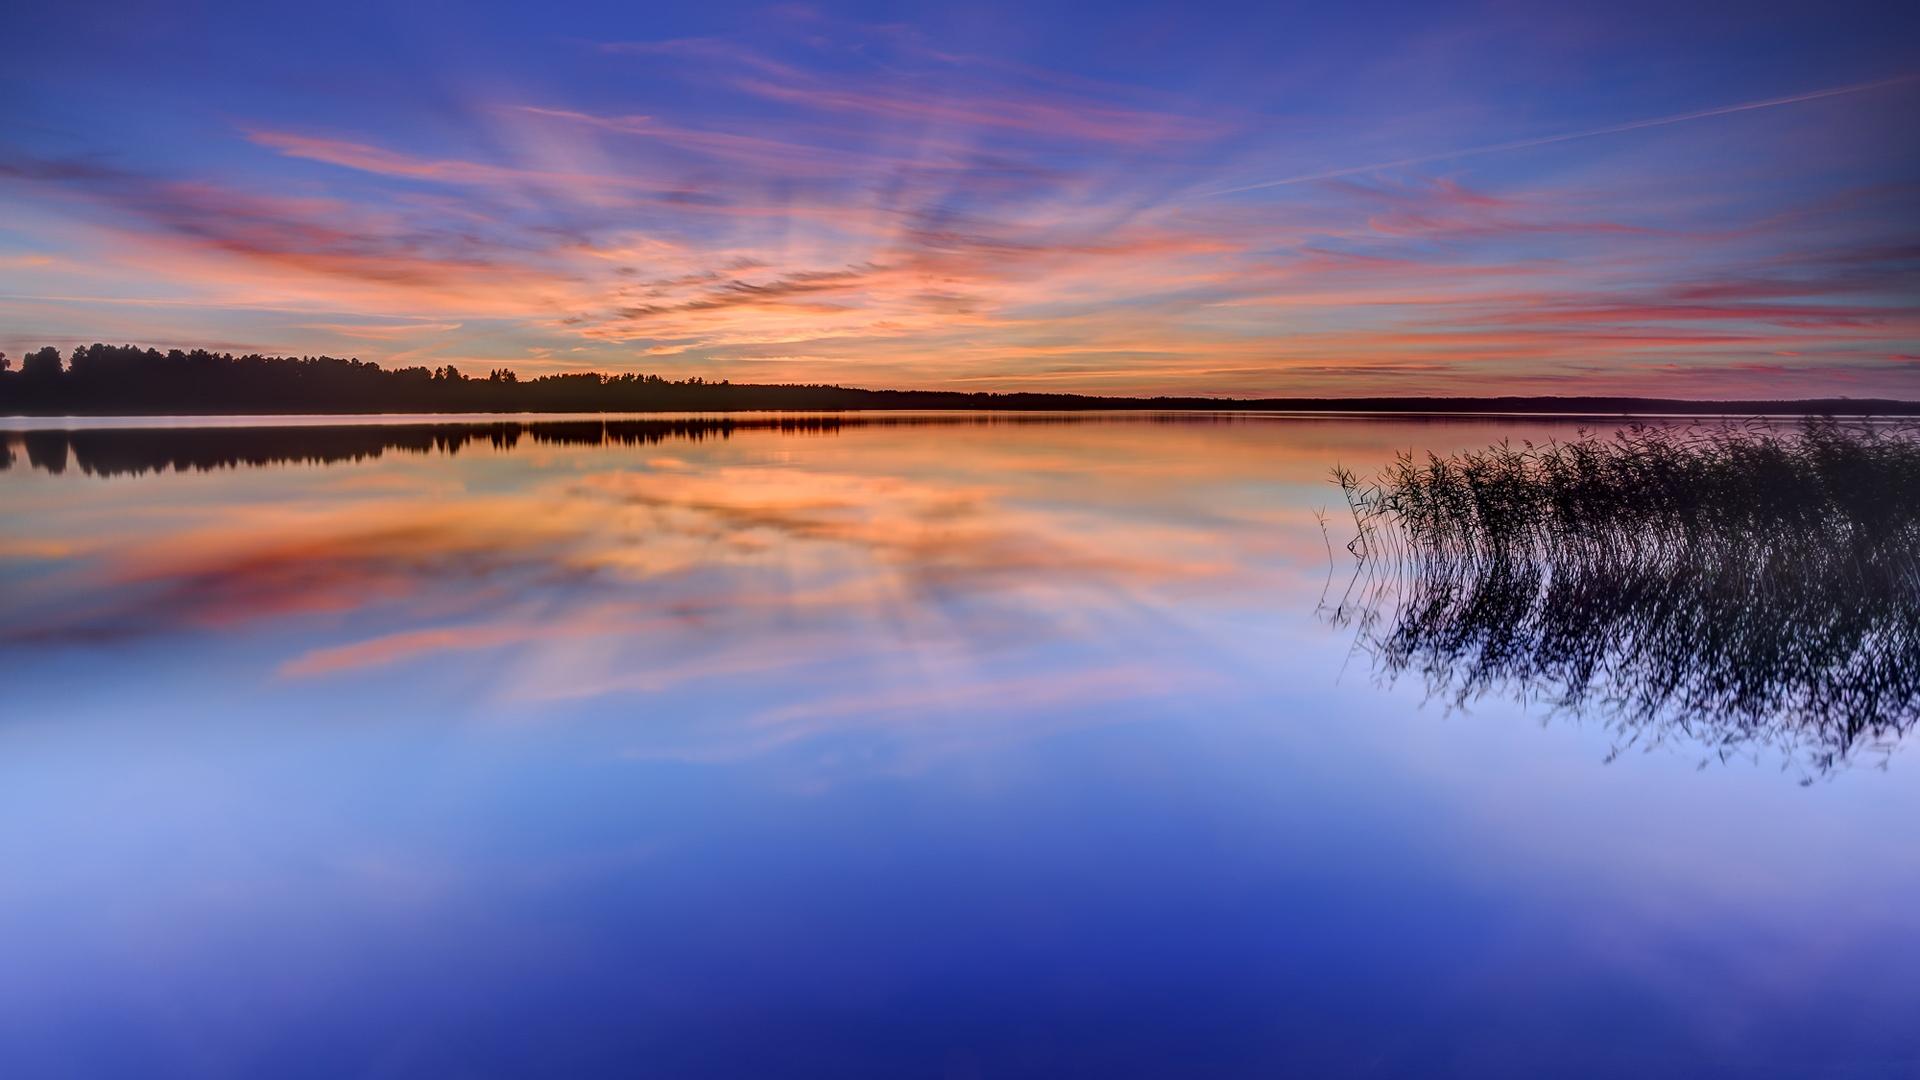 ダウンロード壁紙 1920x1080 スウェーデン、カールスタード、湖、水、草、木、夜、日没、反射 フルHD HDのデスクトップの背景